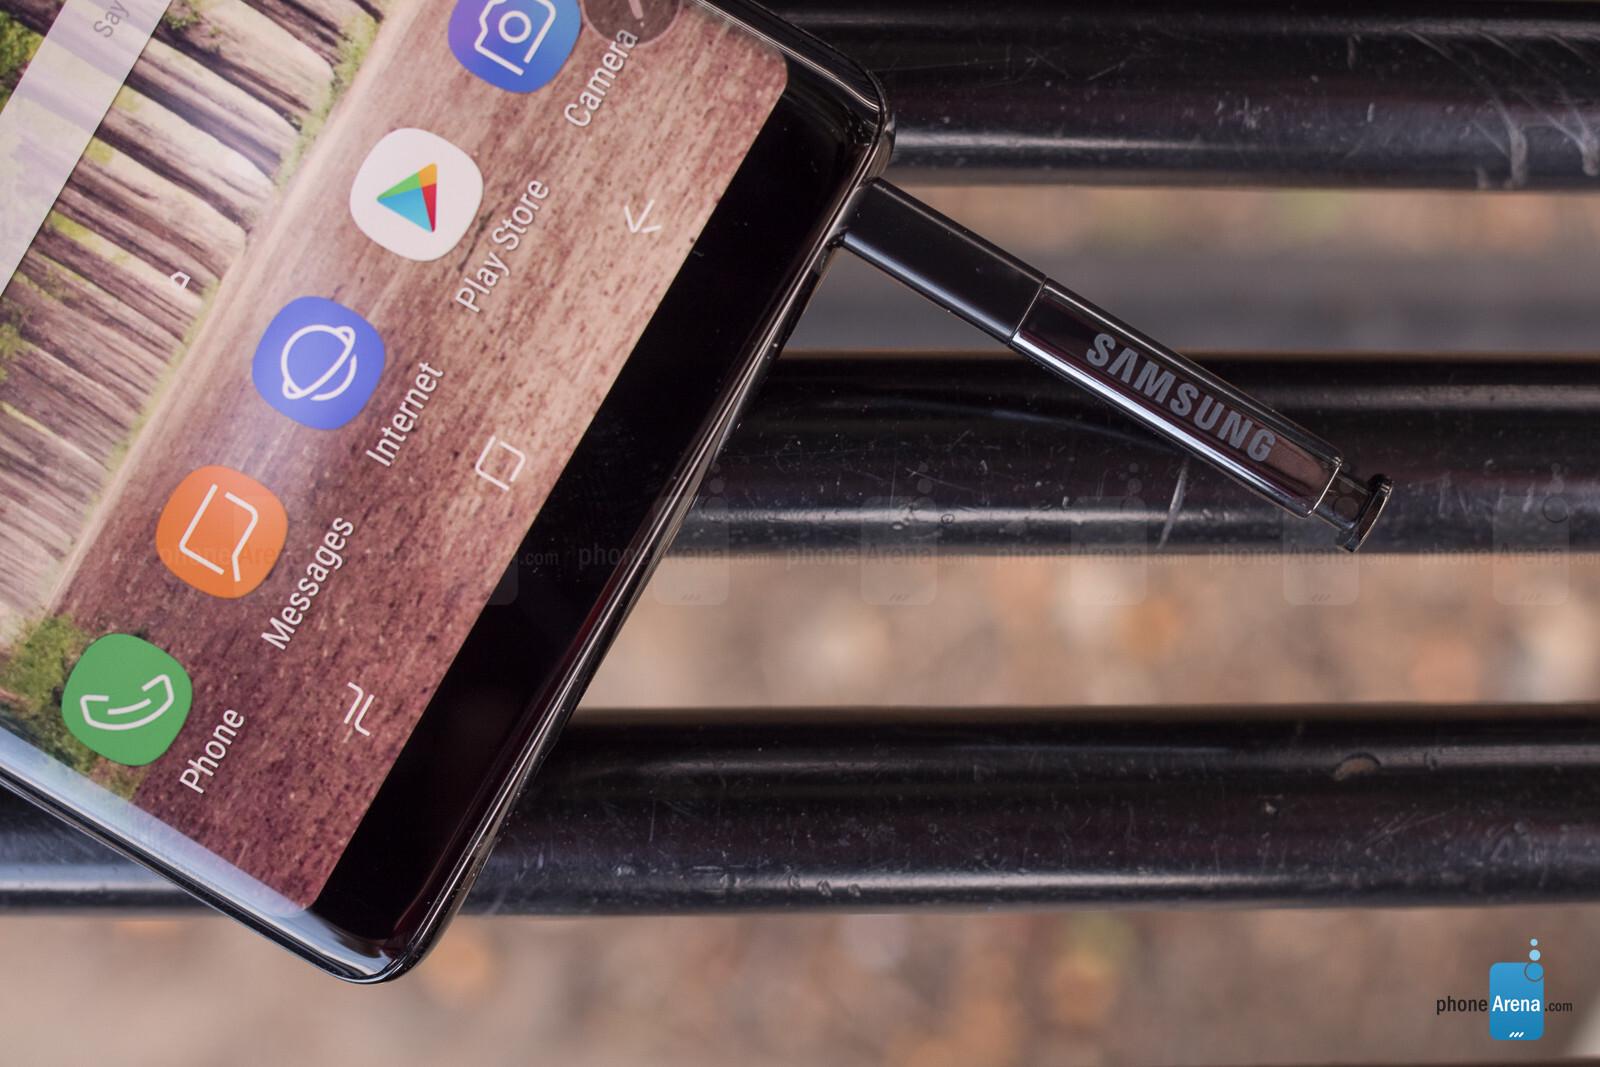 Galaxy Note 8 Internal Wallpaper